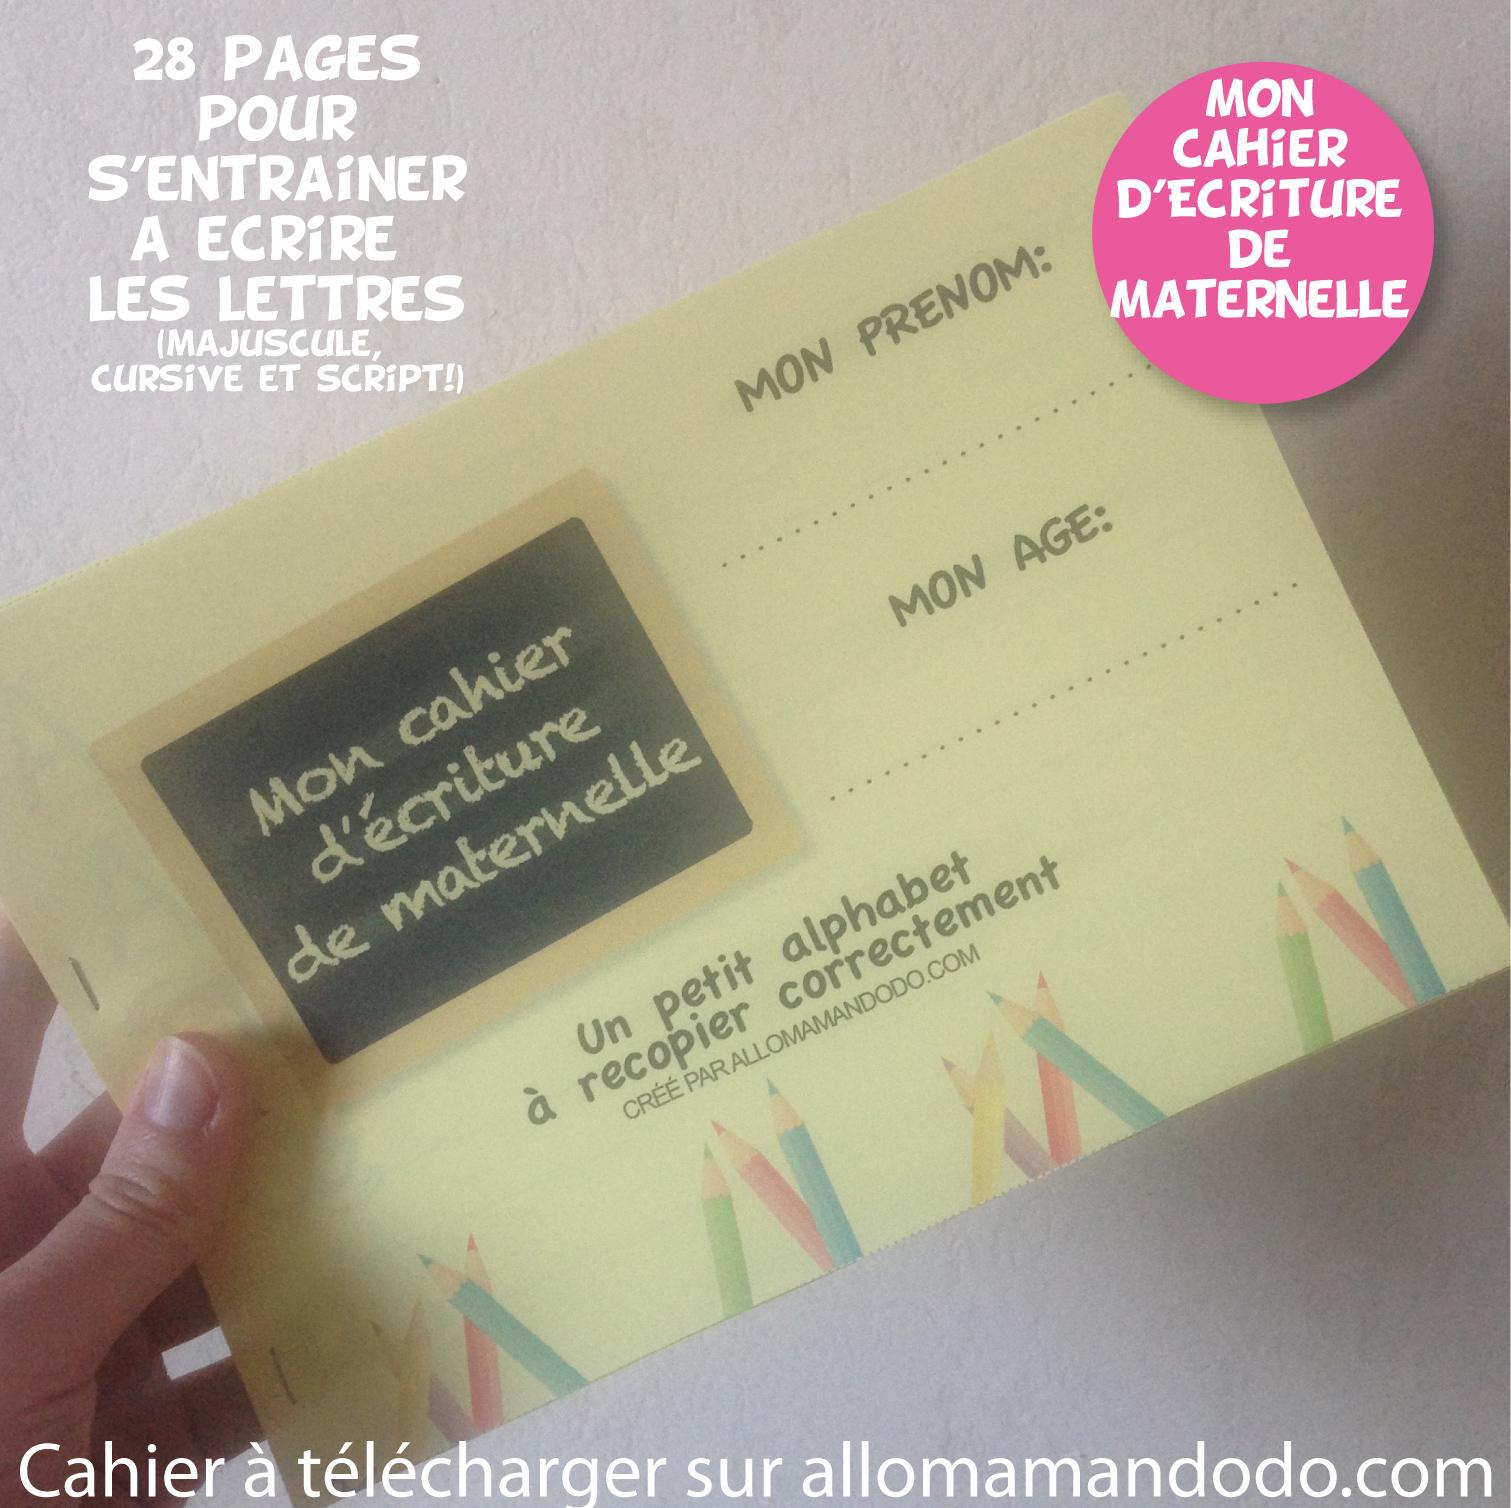 Le Cahier D'écriture De Maternelle À Télécharger ( Gratuit destiné Cahier D Écriture Maternelle